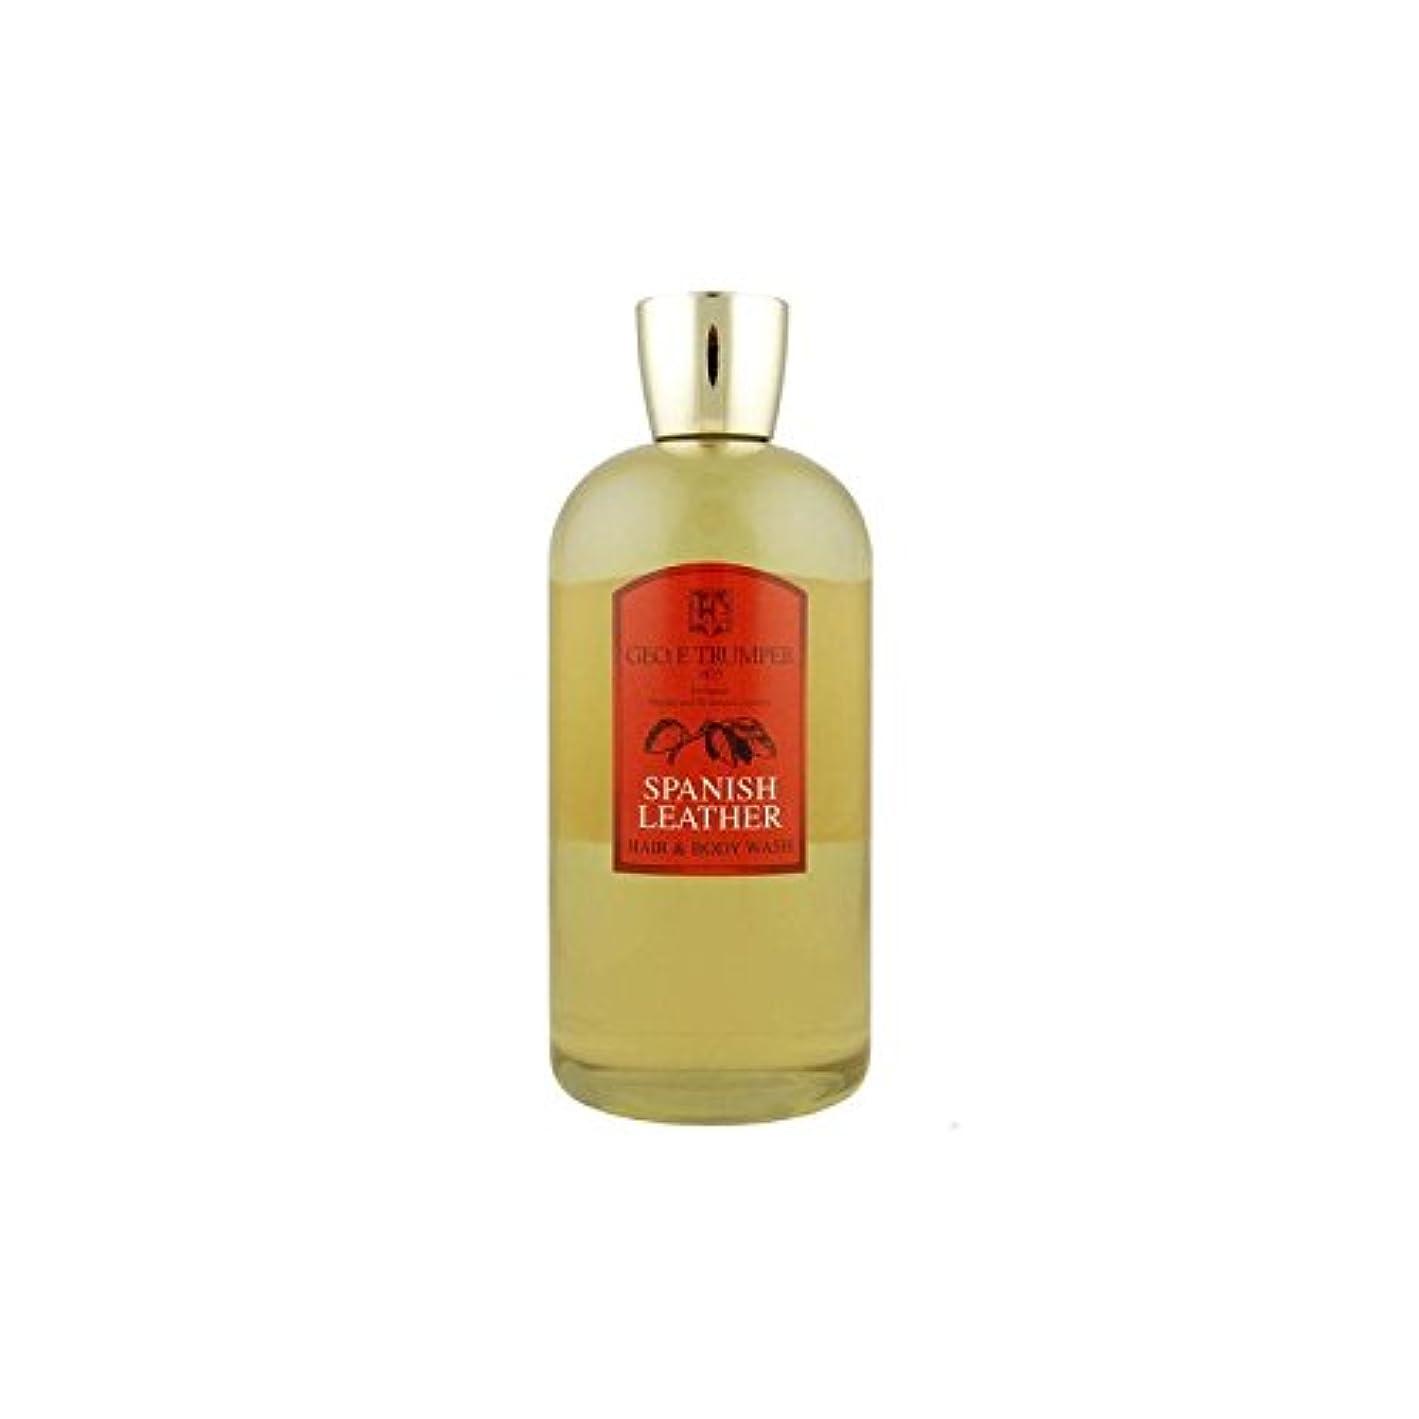 動機付けるクリップ自伝革の髪とボディウォッシュスペイン語 - 500ボトル x2 - Trumpers Spanish Leather Hair and Body Wash - 500mlTravel Bottle (Pack of 2) [...